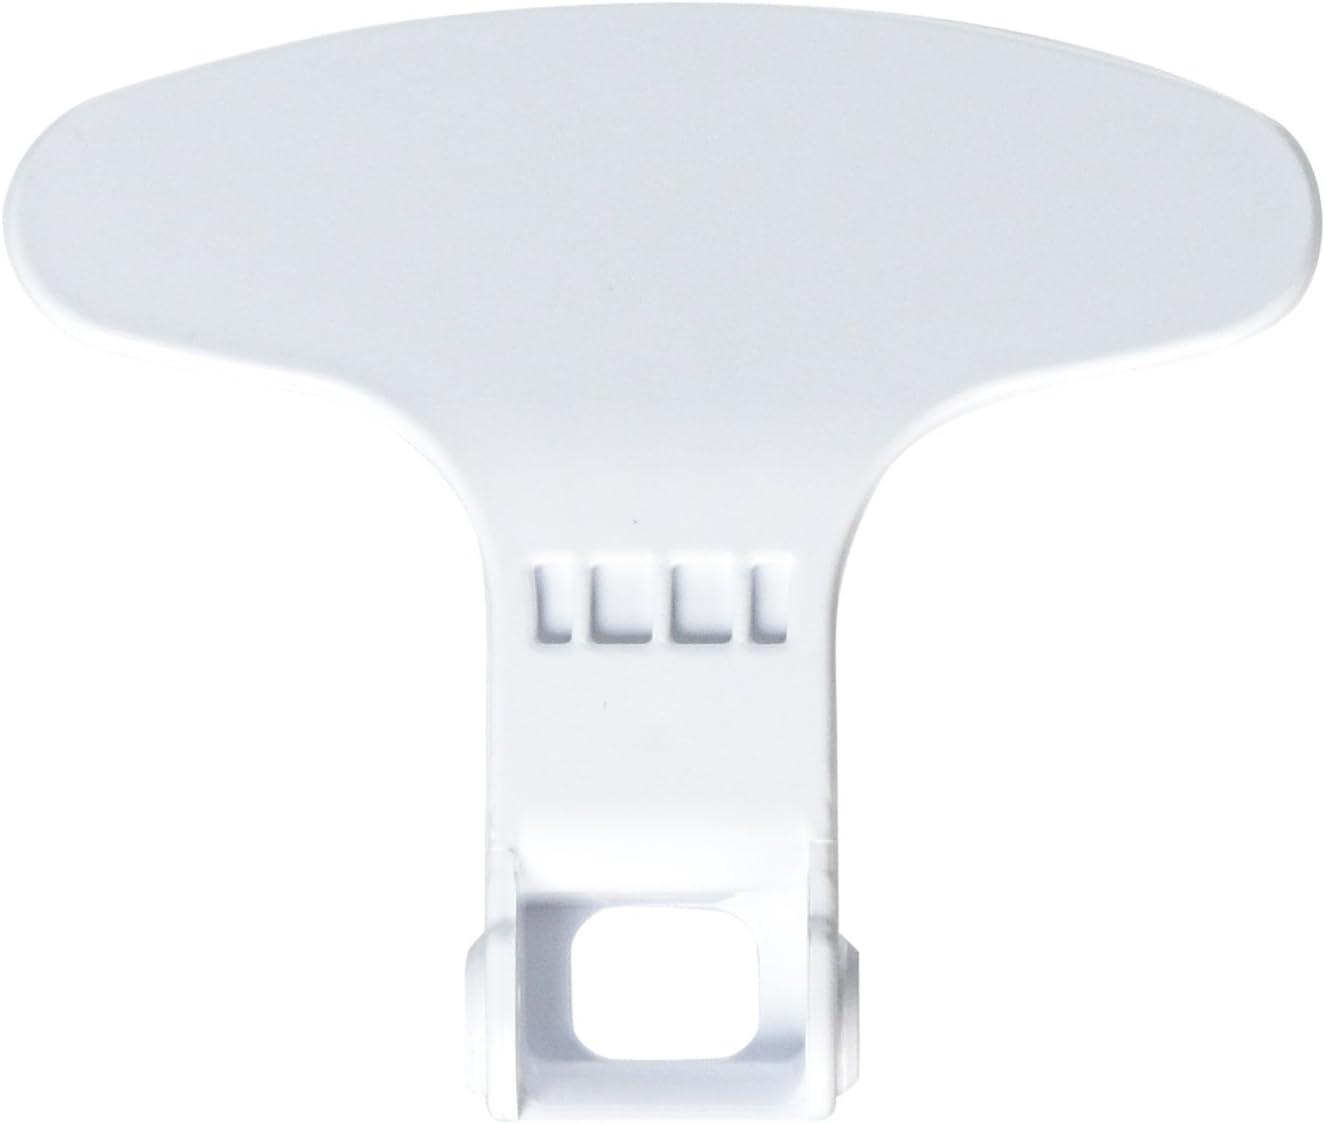 BEKO wm74155lw wm85135lw wm95145lw machine à laver Poignée de porte 2821580100